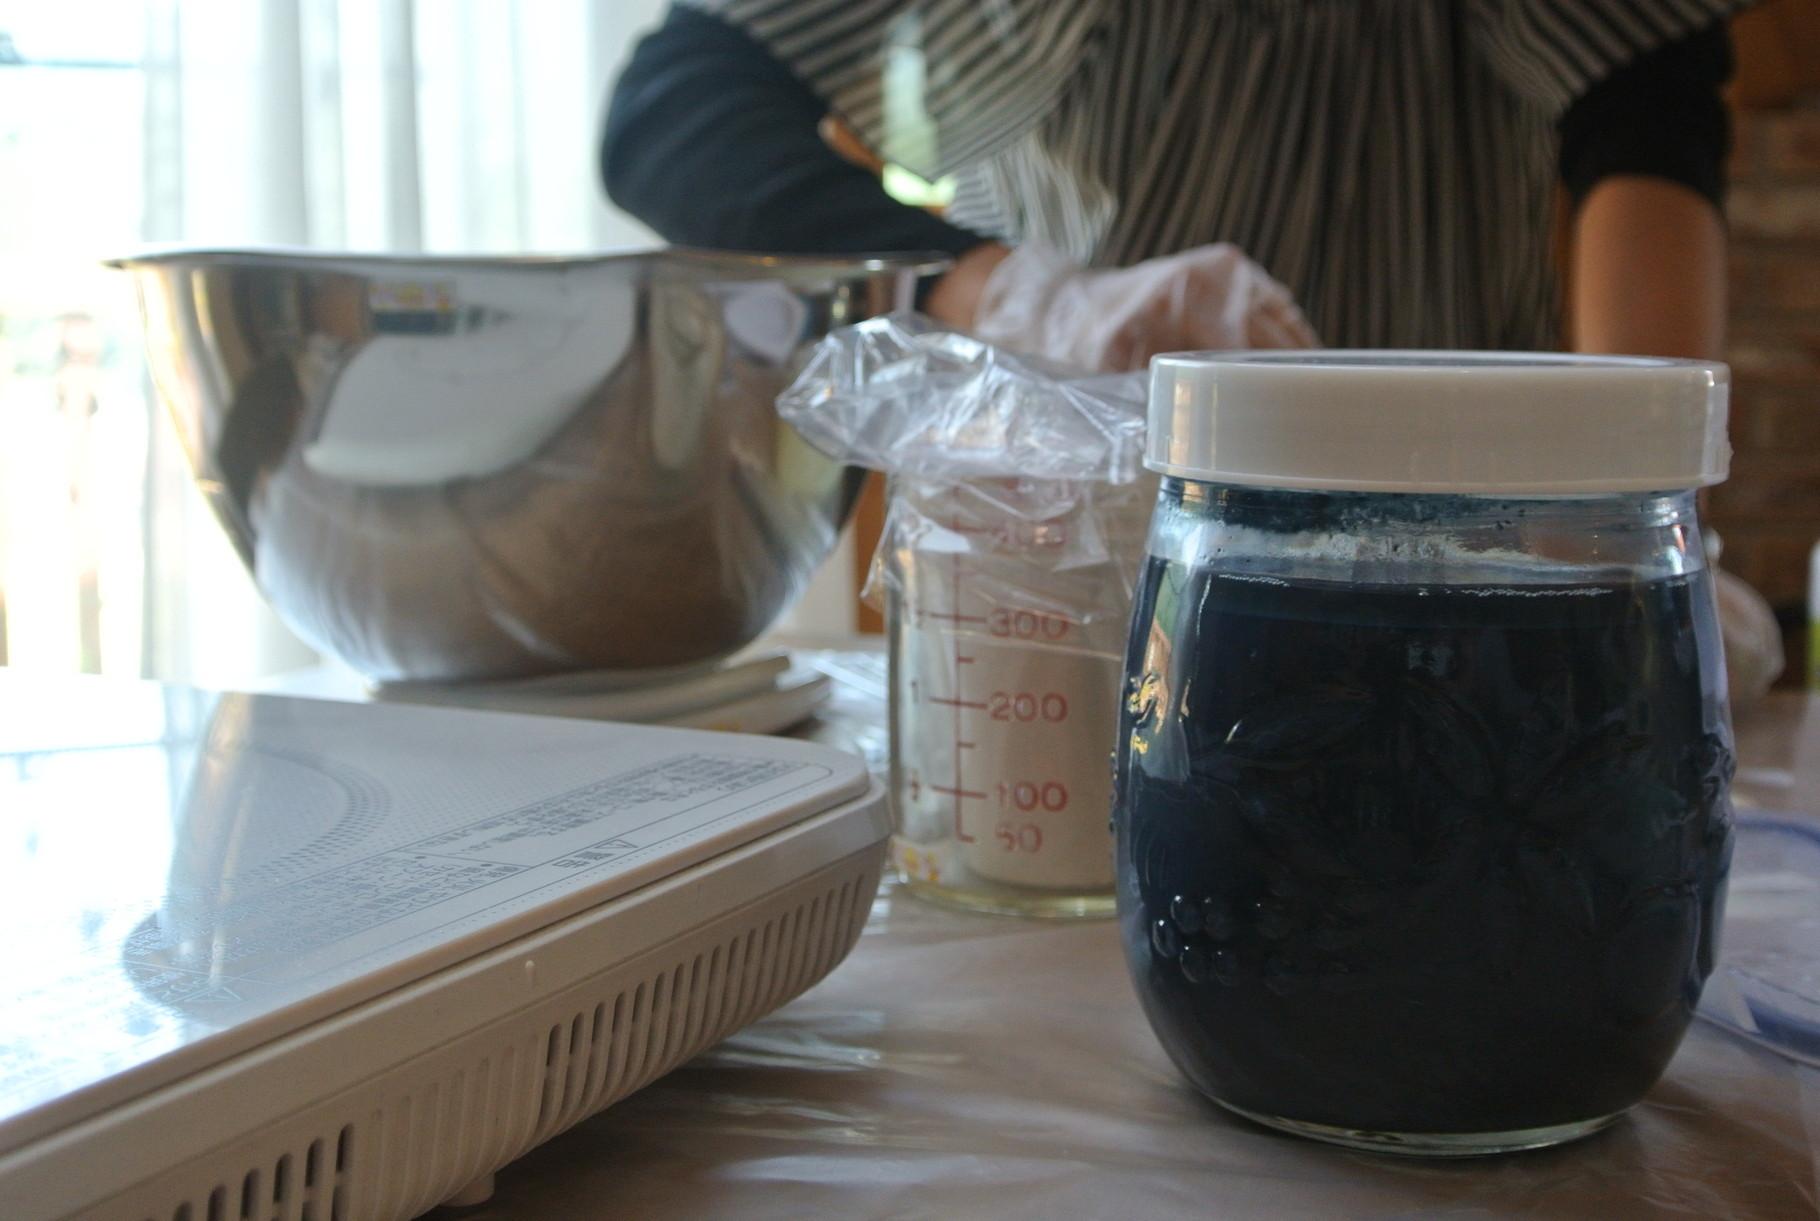 泥藍を使って石鹸作りをしてみました。